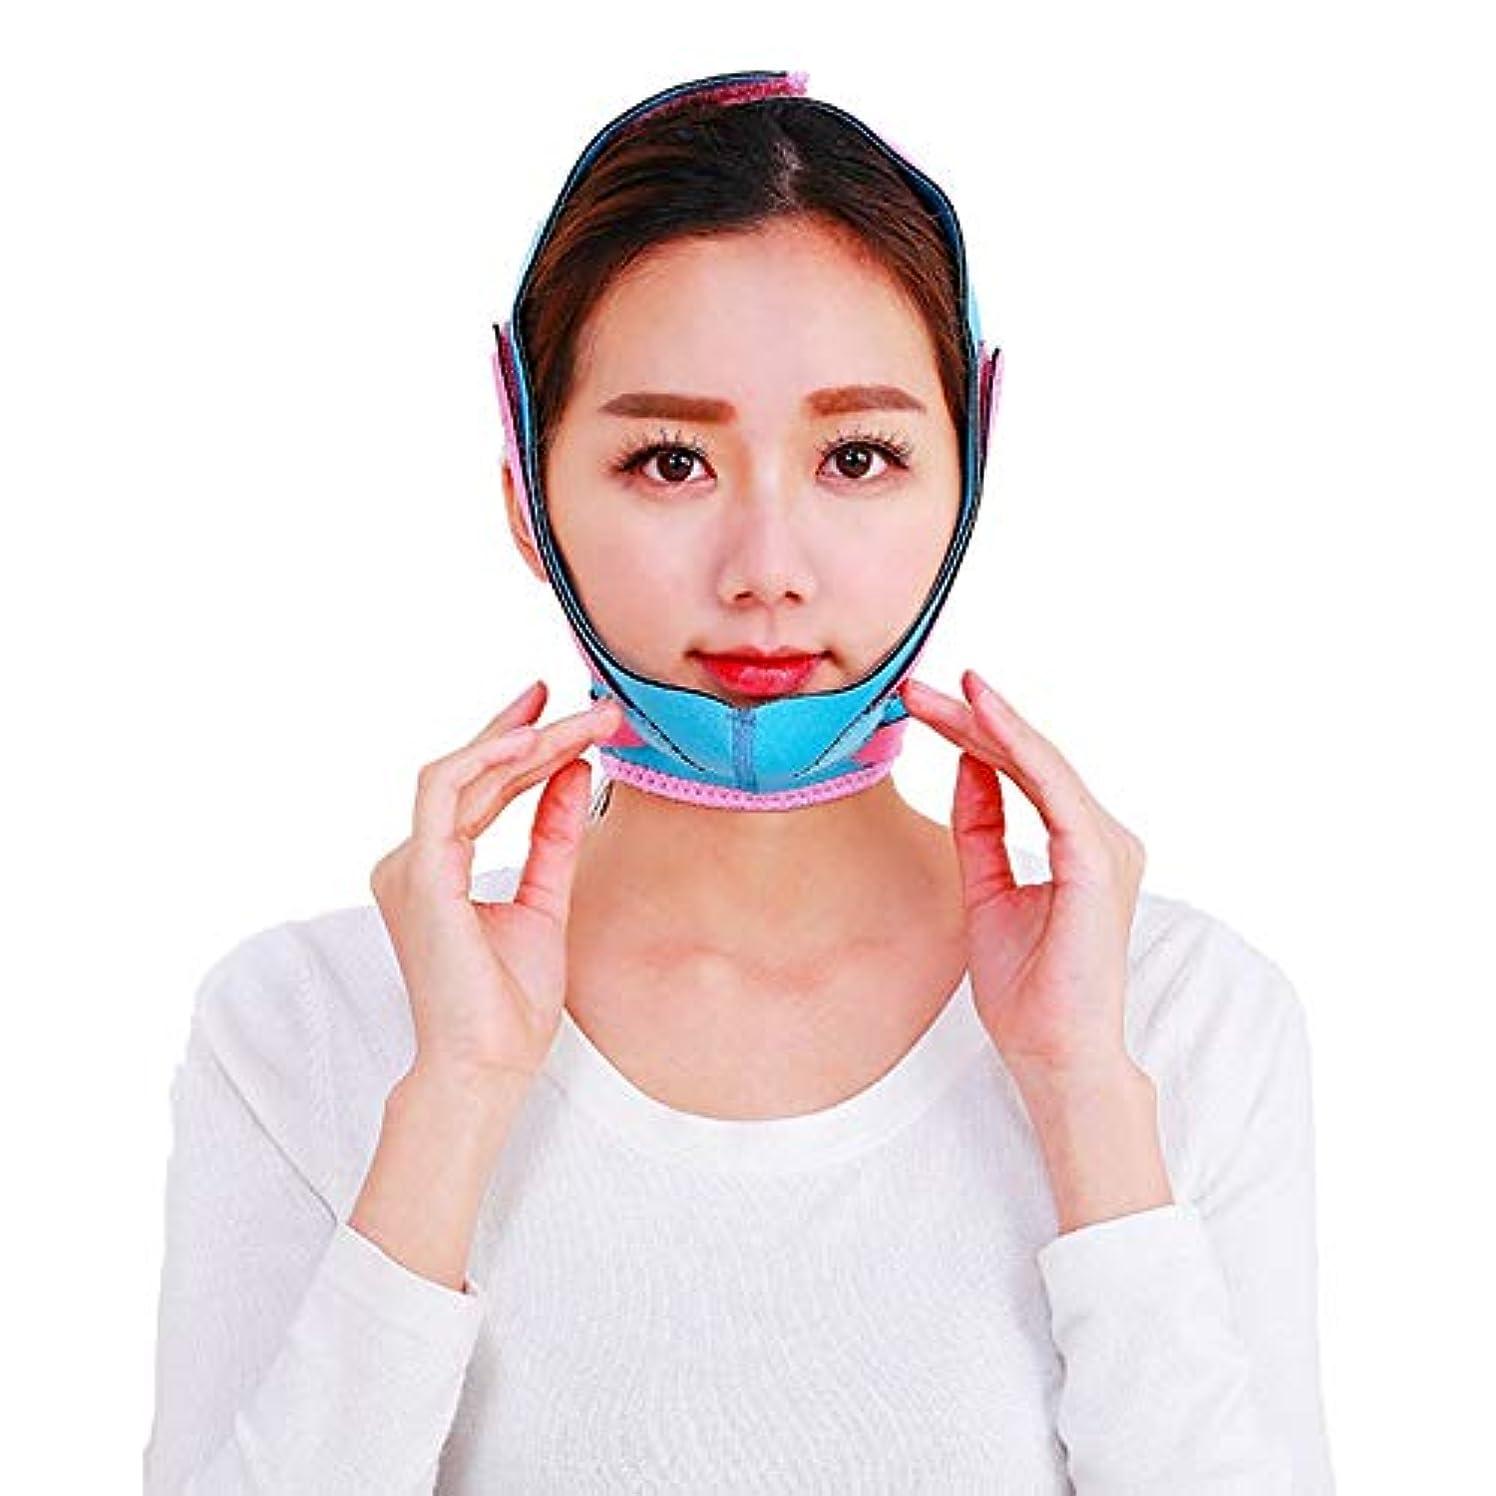 重要な却下する導体薄い顔のベルト - 薄い顔のベルト通気性のある顔の包帯前面のリフティングマスクVの顔薄い面の小さな持ち上げツール